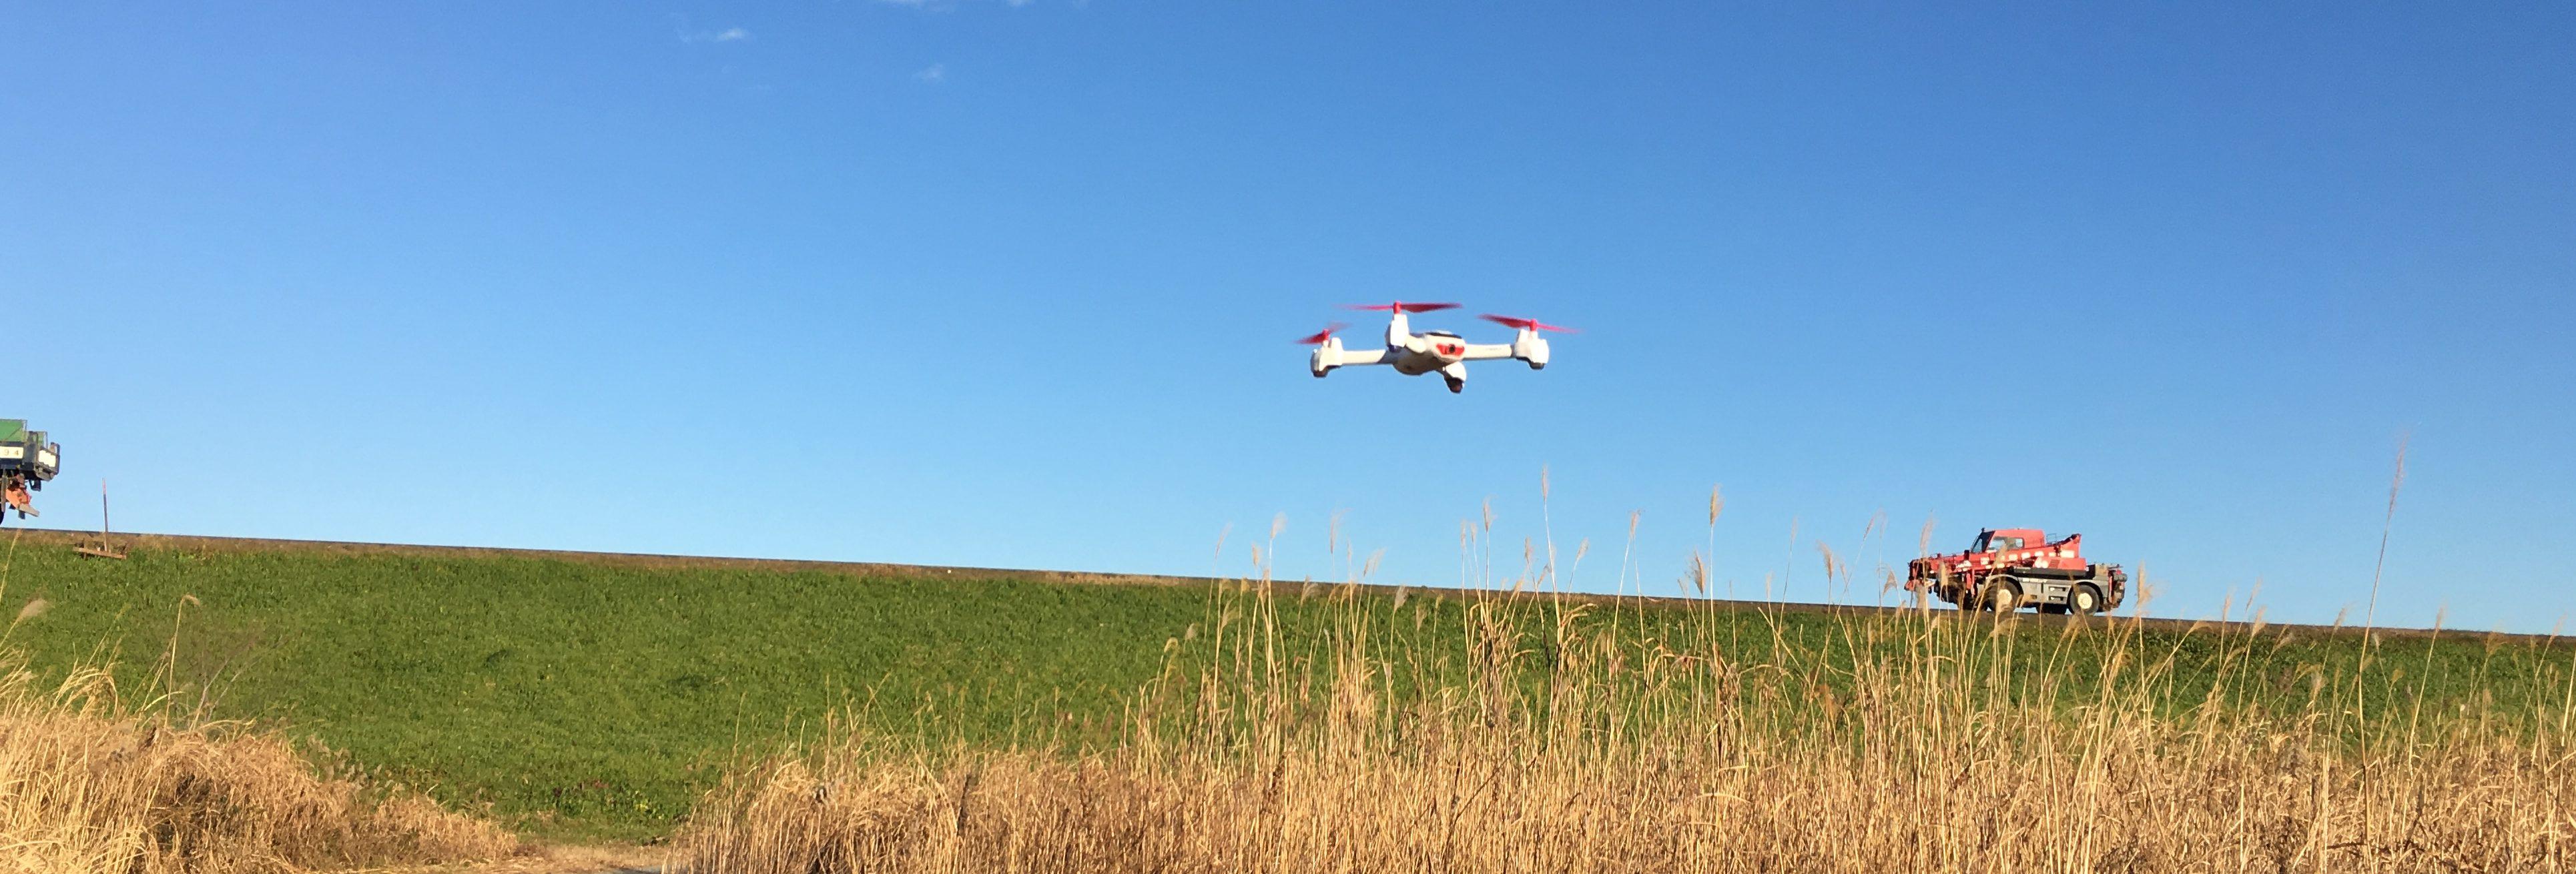 【200g以下 おすすめのドローン 10選】無人航空機の法律にかからない機種